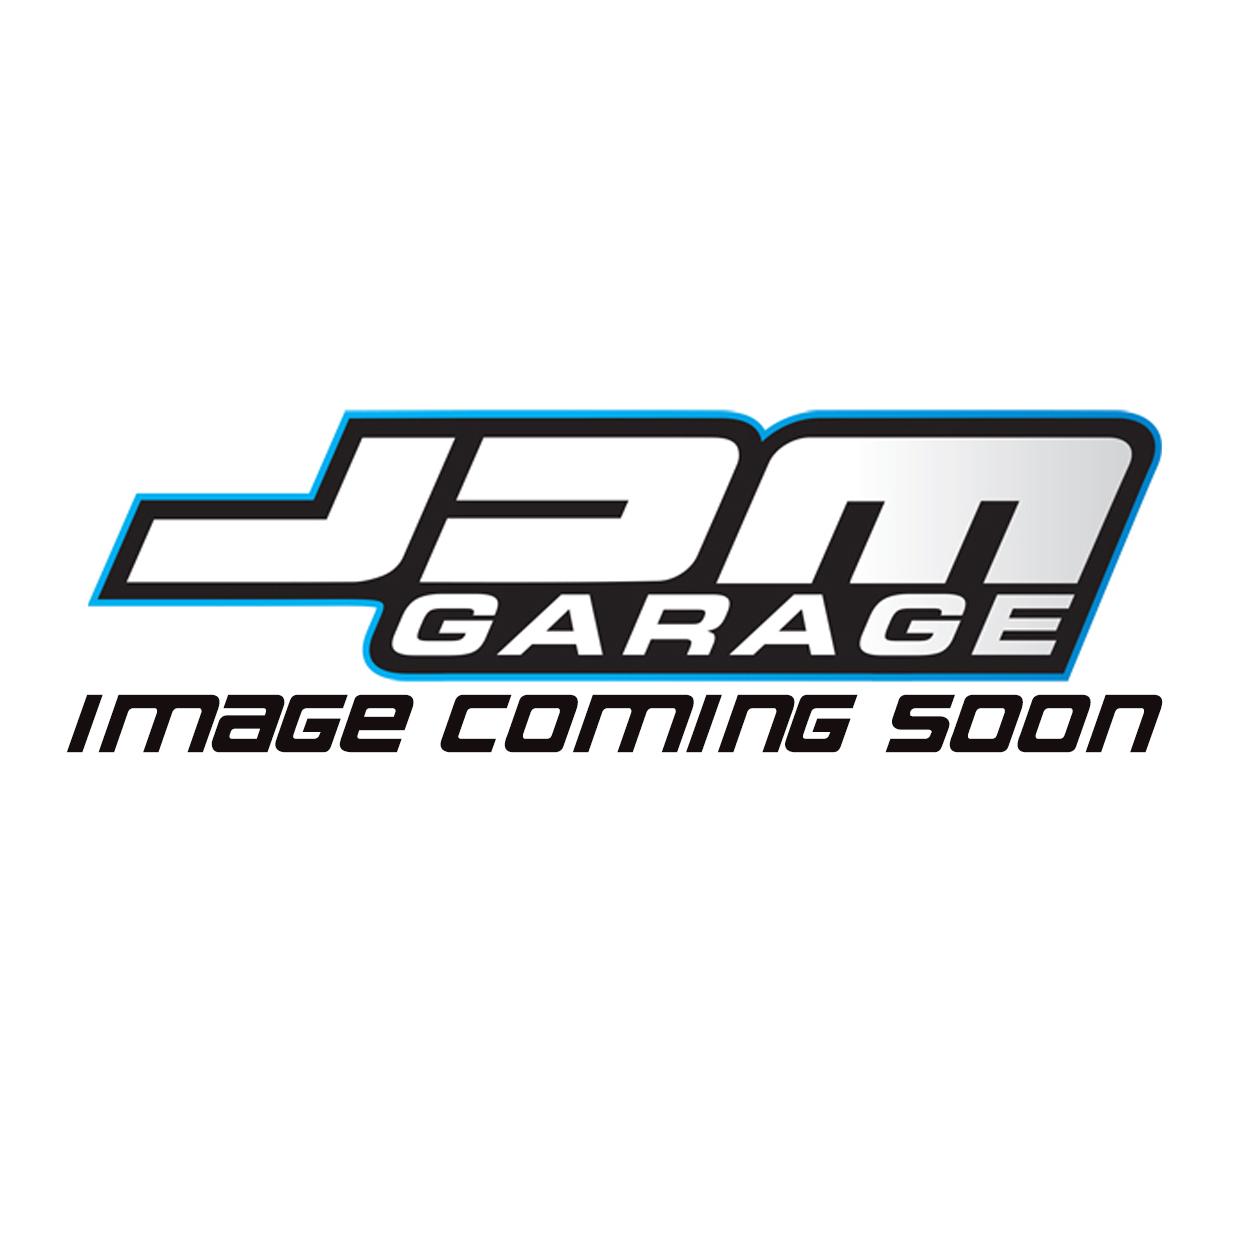 JDMGarageUK Ceramic Mug